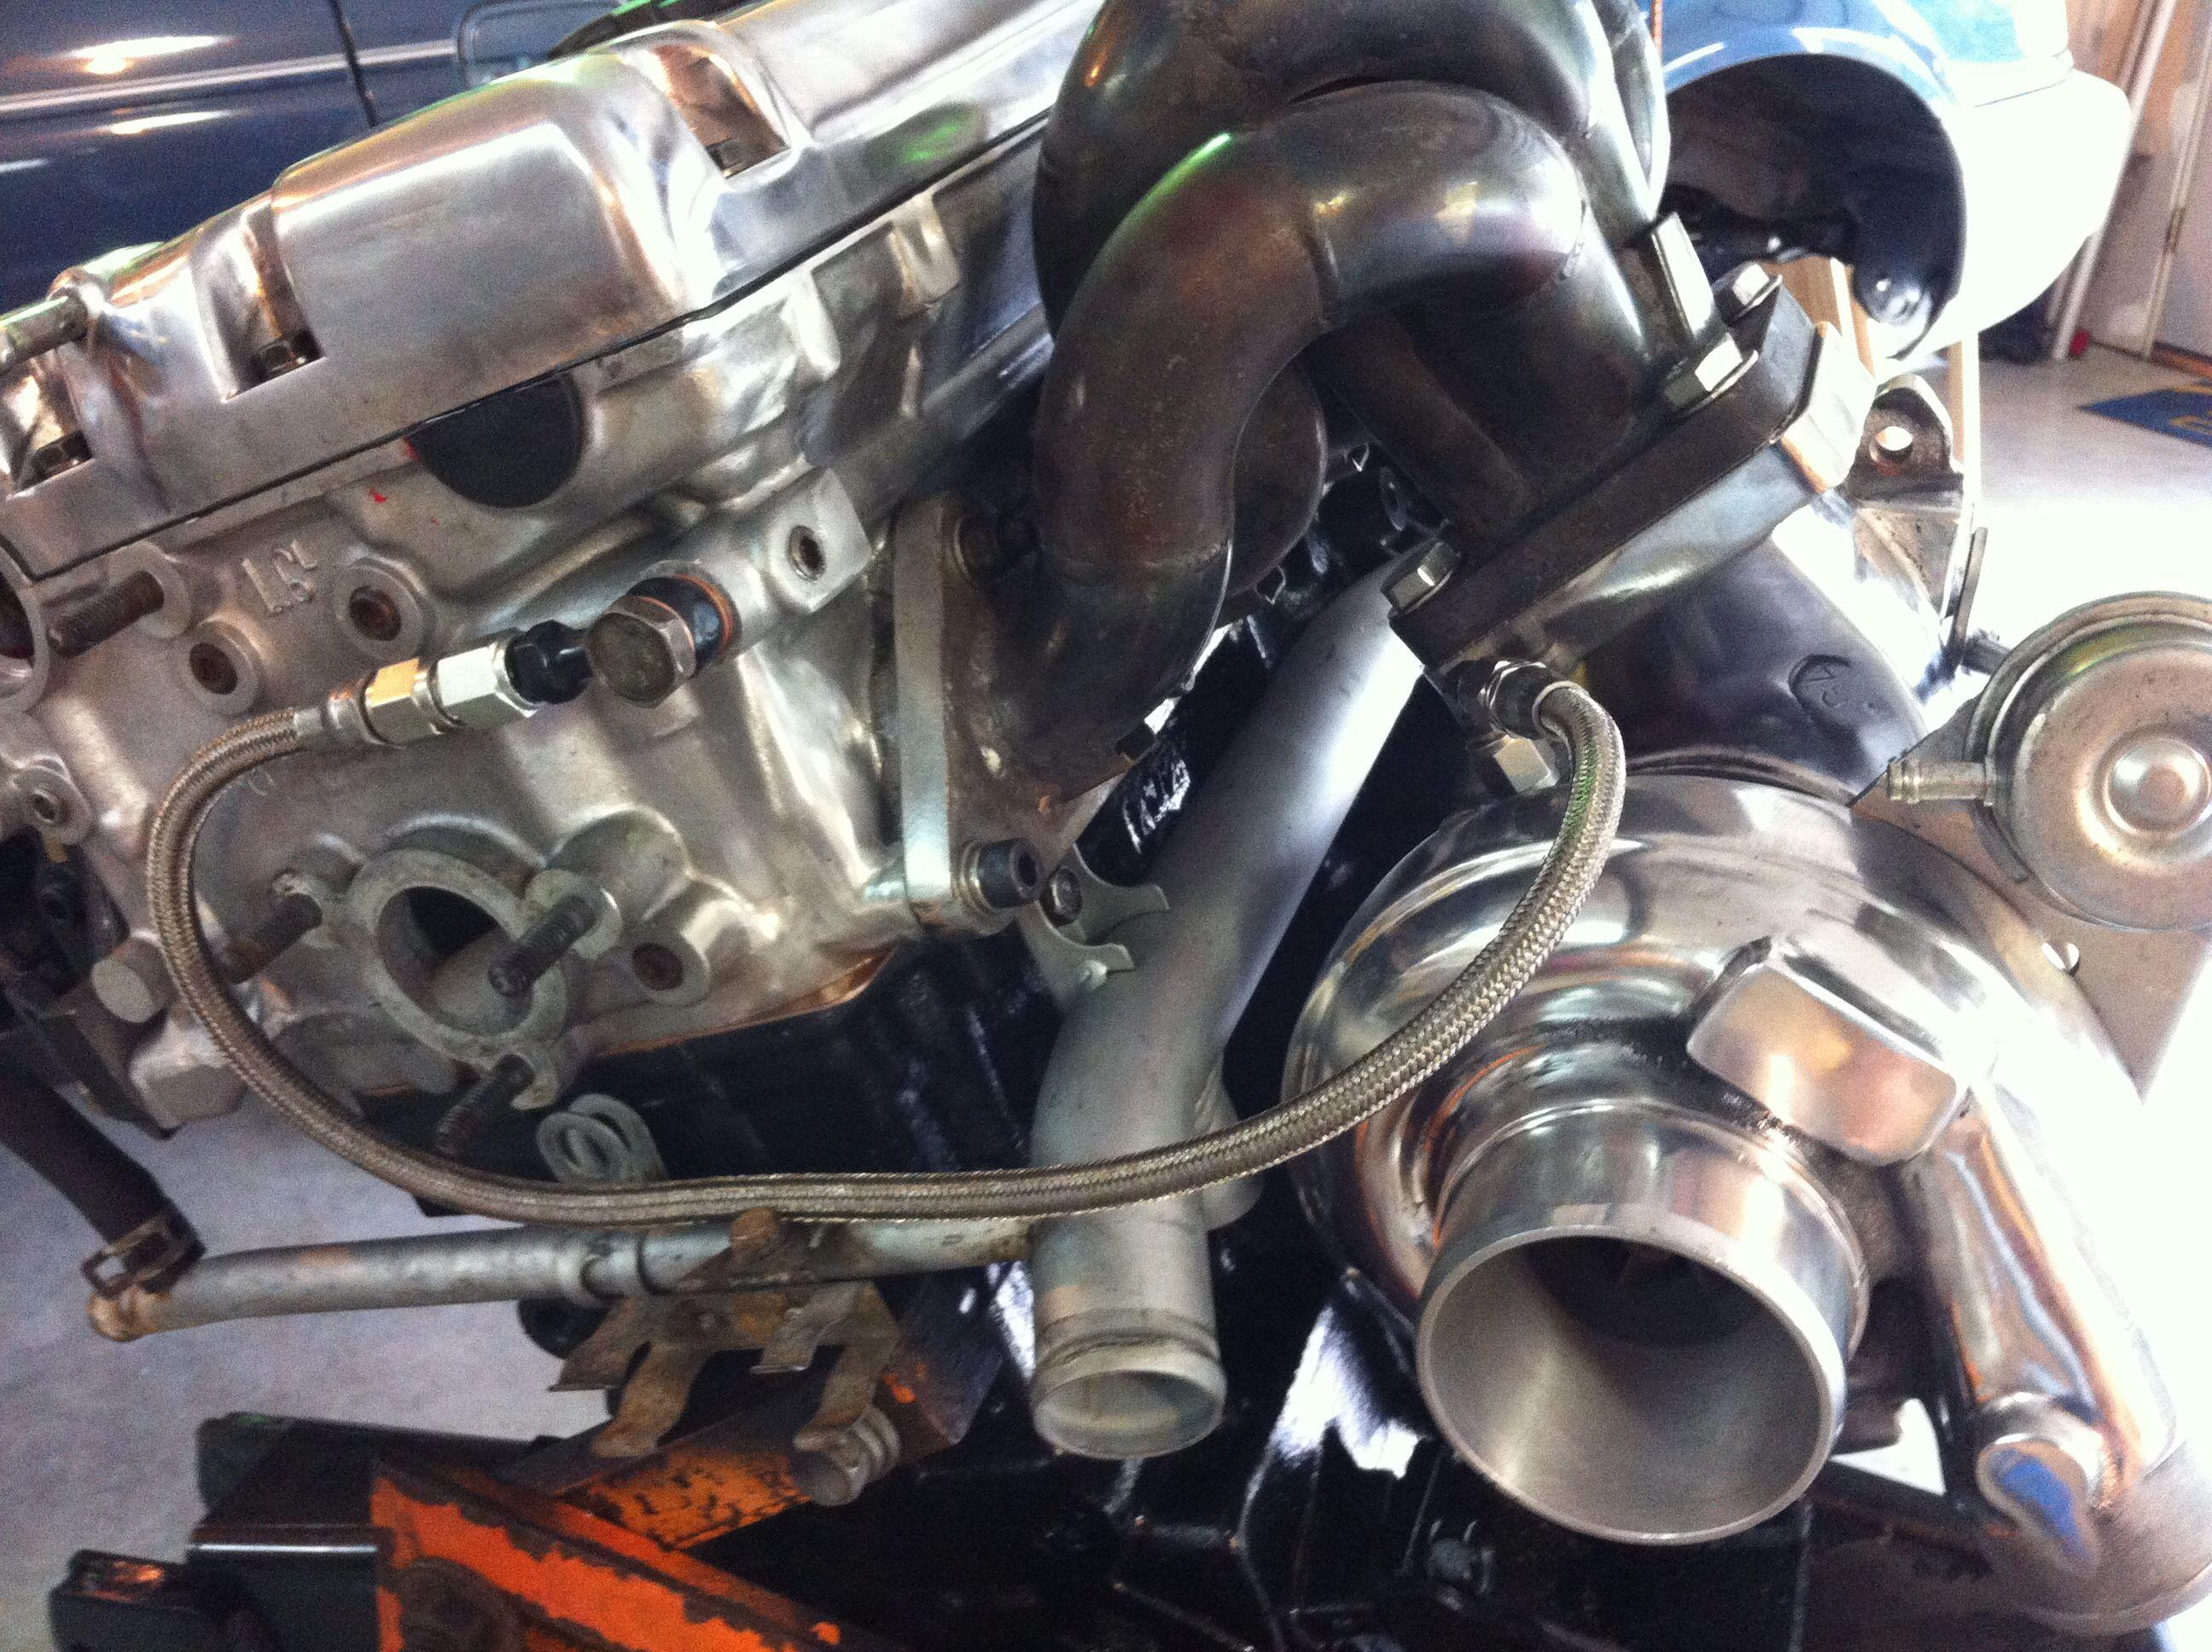 Bullseye turbo    4g63 Turbo Mitsubishi Expo AWD